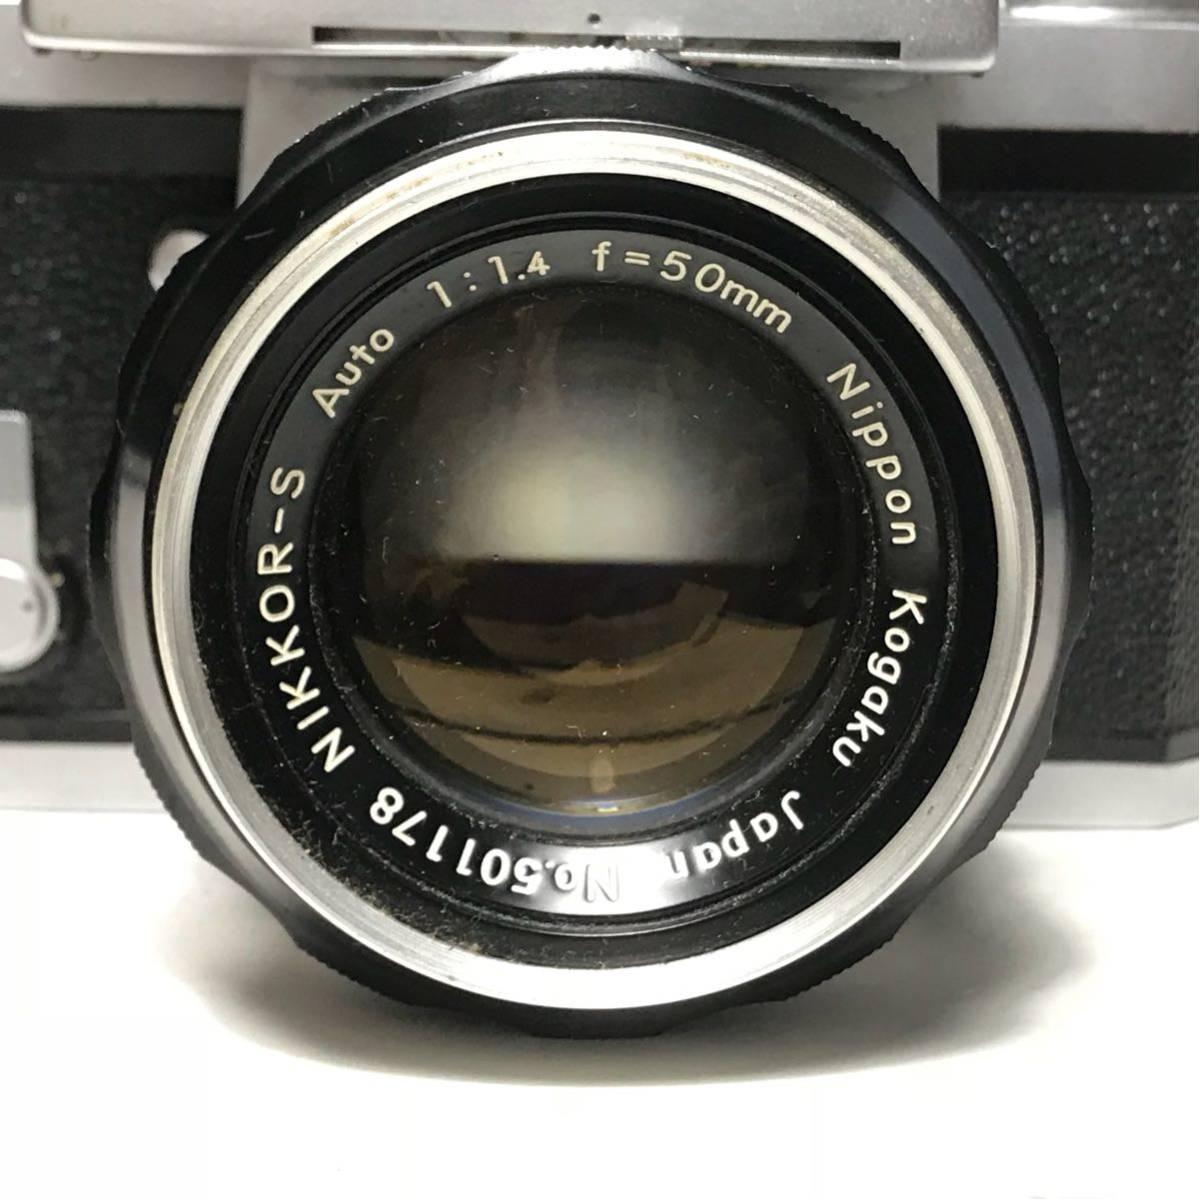 Nikon F Photomic FTN /ニコン F 外部測光式フォトミックファインダー SLR FILM CAMERA with/Nikkor 1.4 50㎜【c/n7065523】_画像6